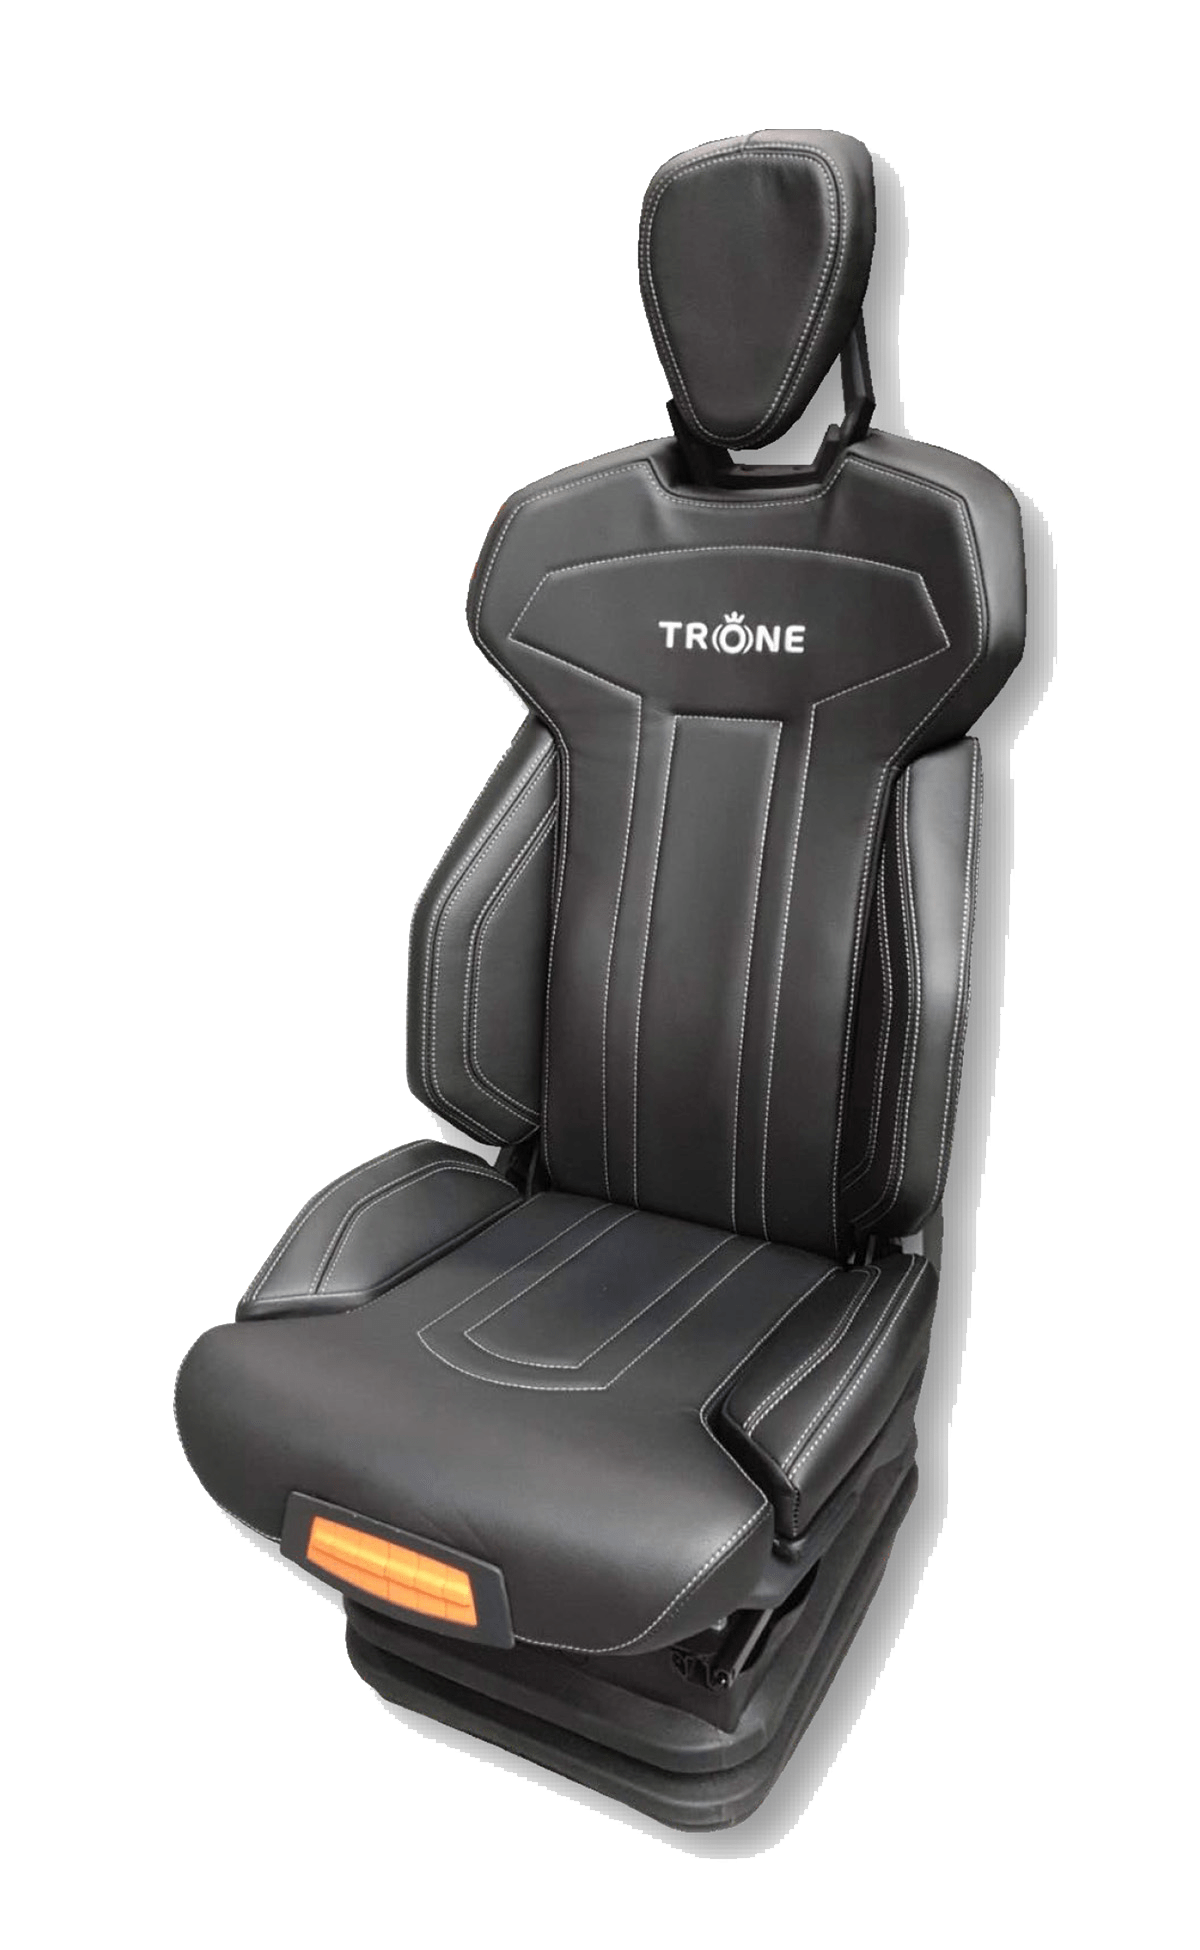 Trone-high-back-elektrisch